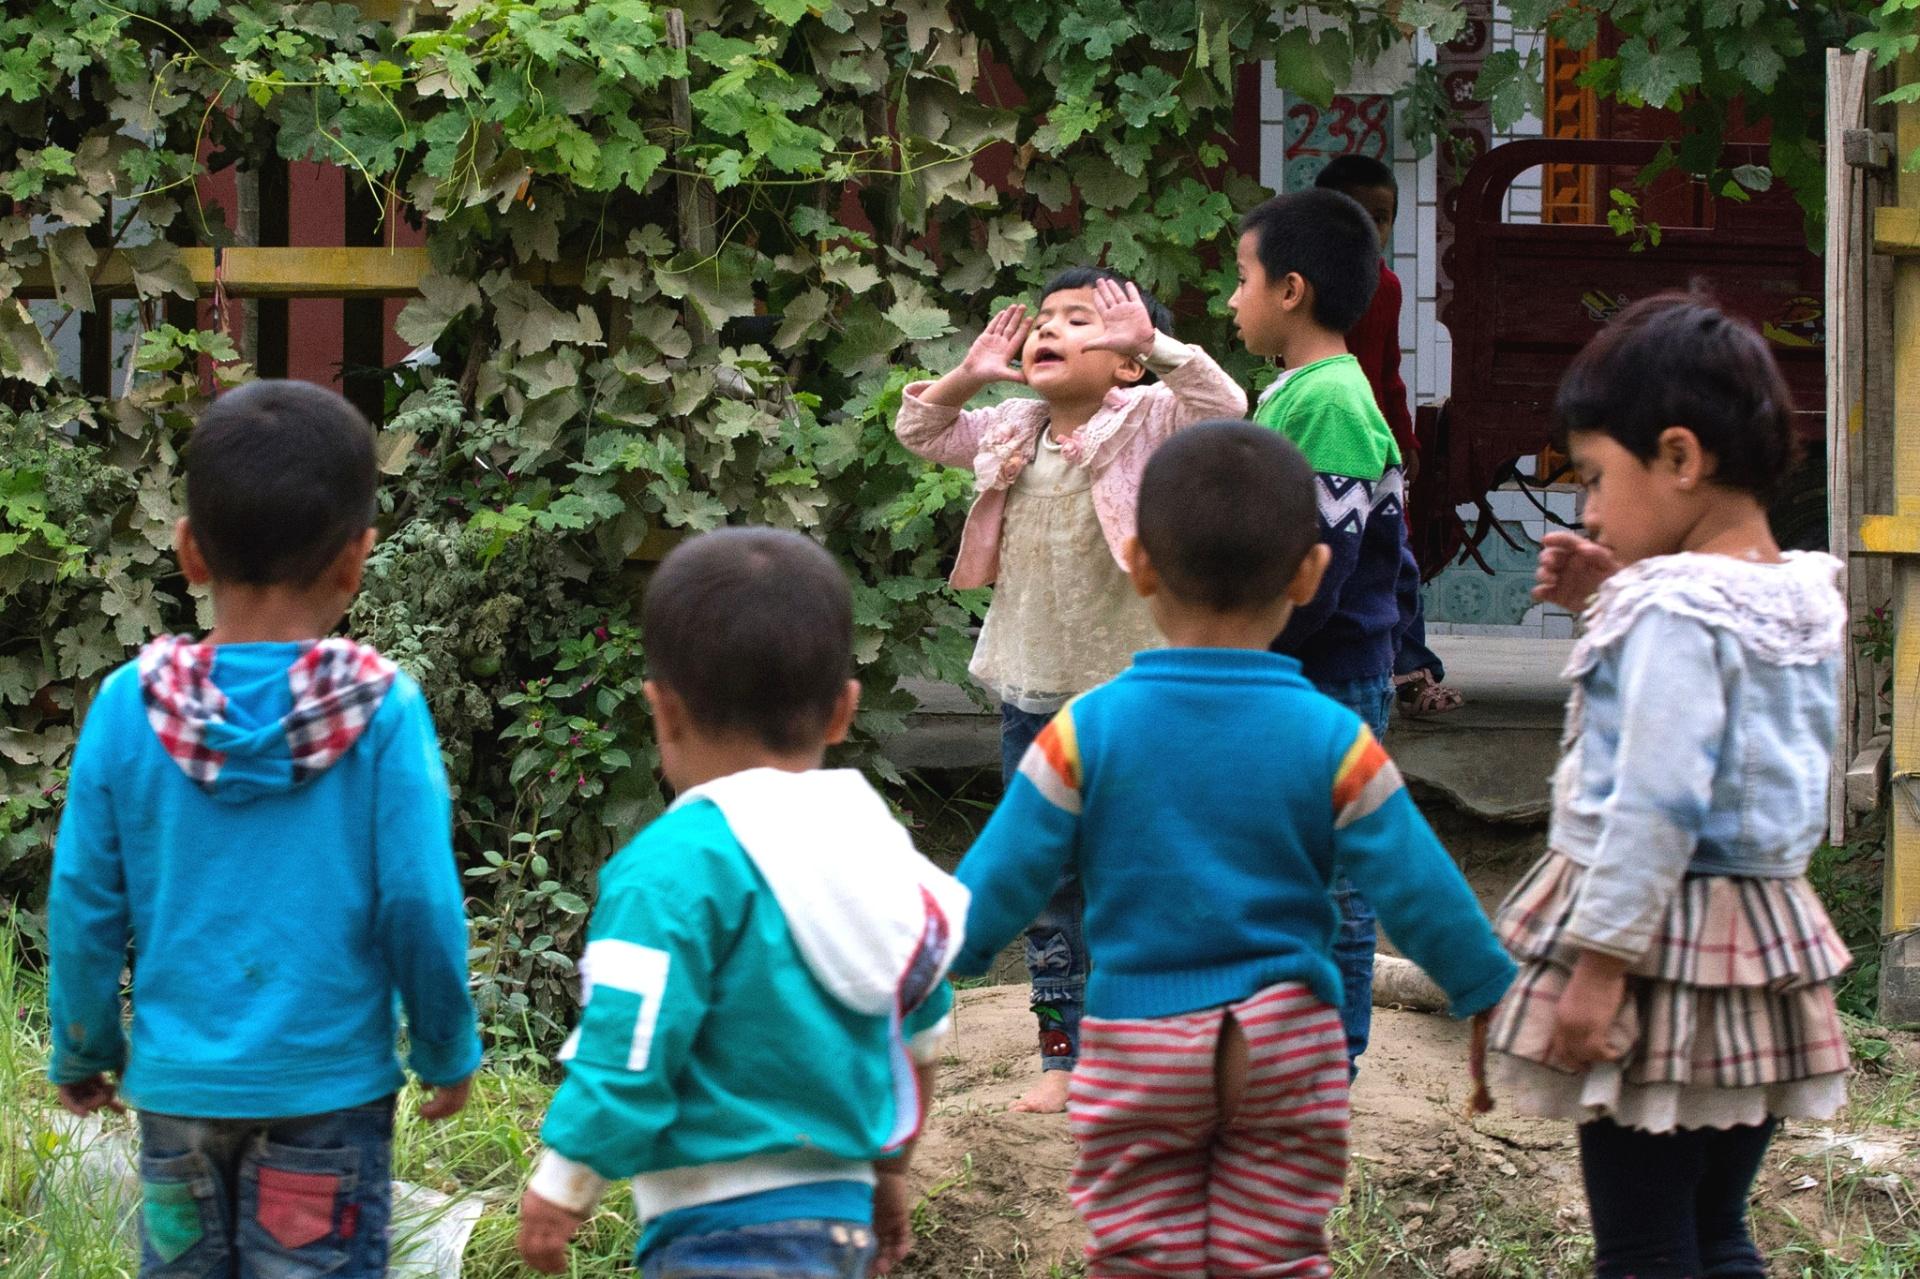 Após prender pais por 'subversão', China coloca crianças de minoria muçulmana sob tutela do Estado - 22/09/2018 - UOL Notícias